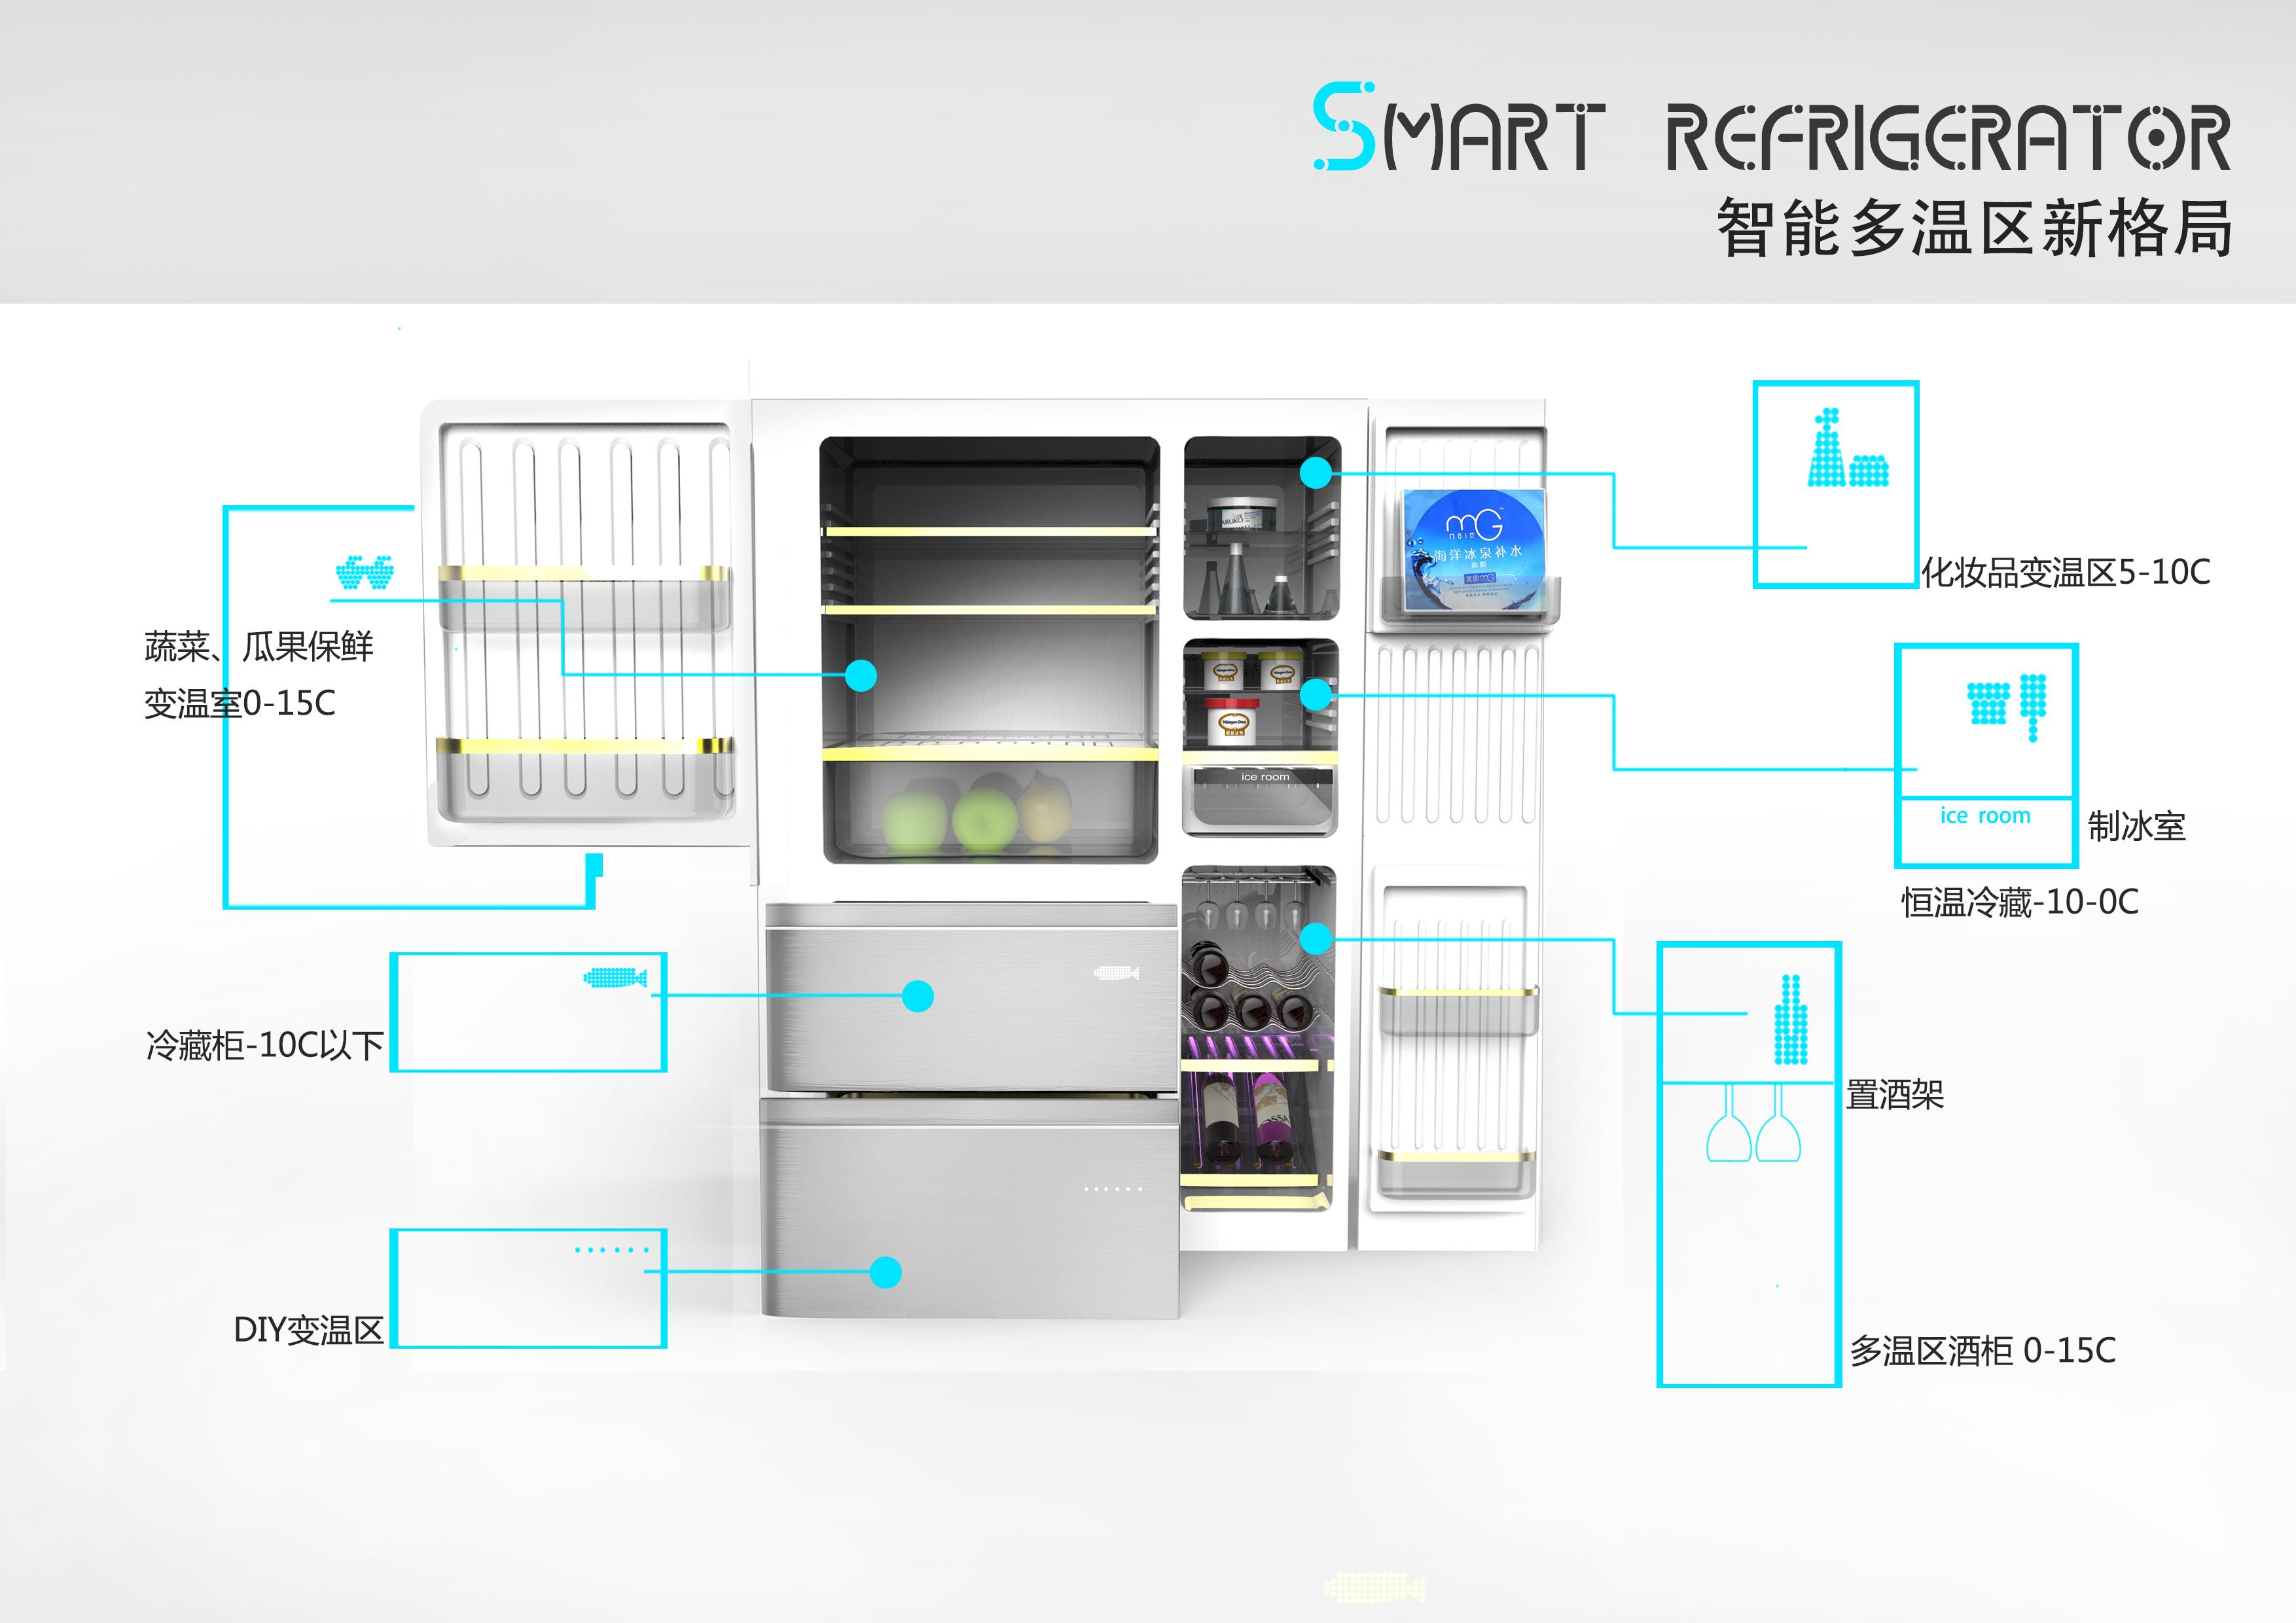 卡萨帝智能冰箱设计 工业/产品 其他工业/产品 biang图片